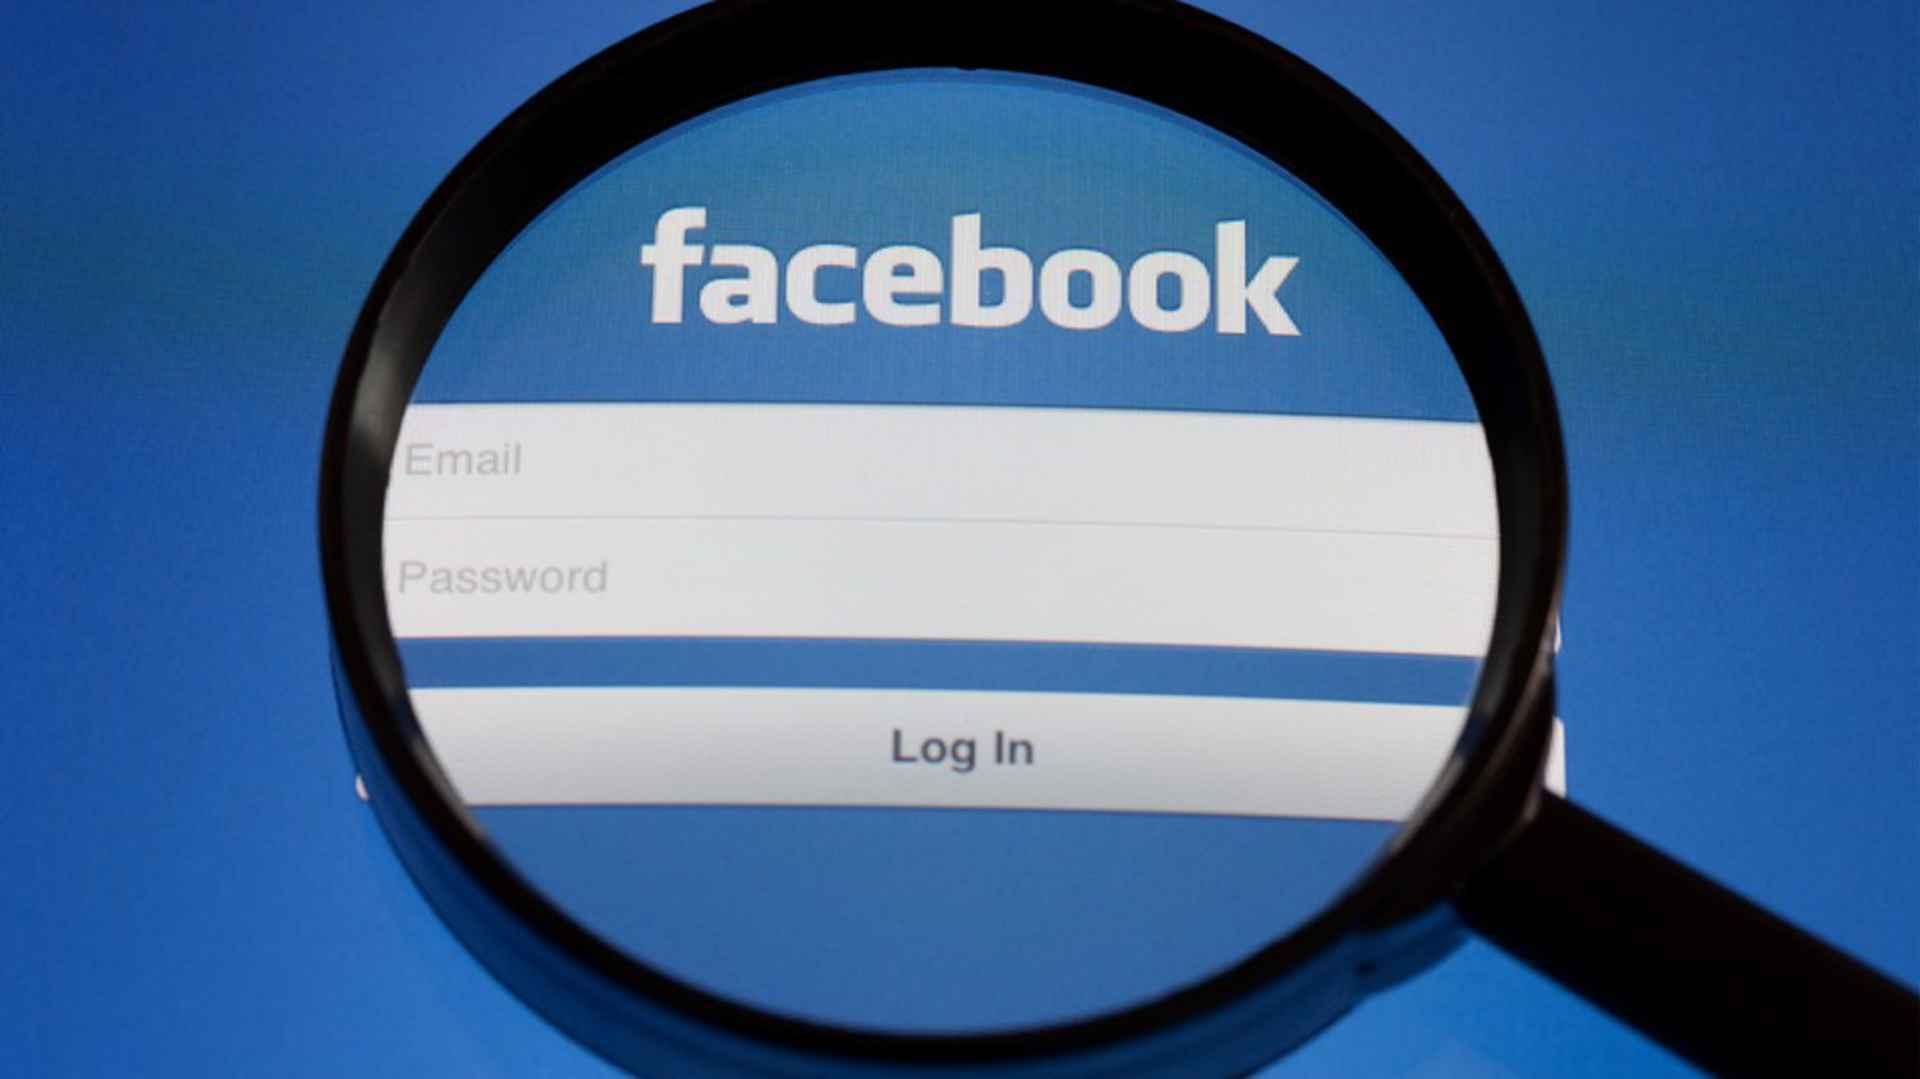 Facebook peut maintenant vous traquer même si vous n'avez pas de compte